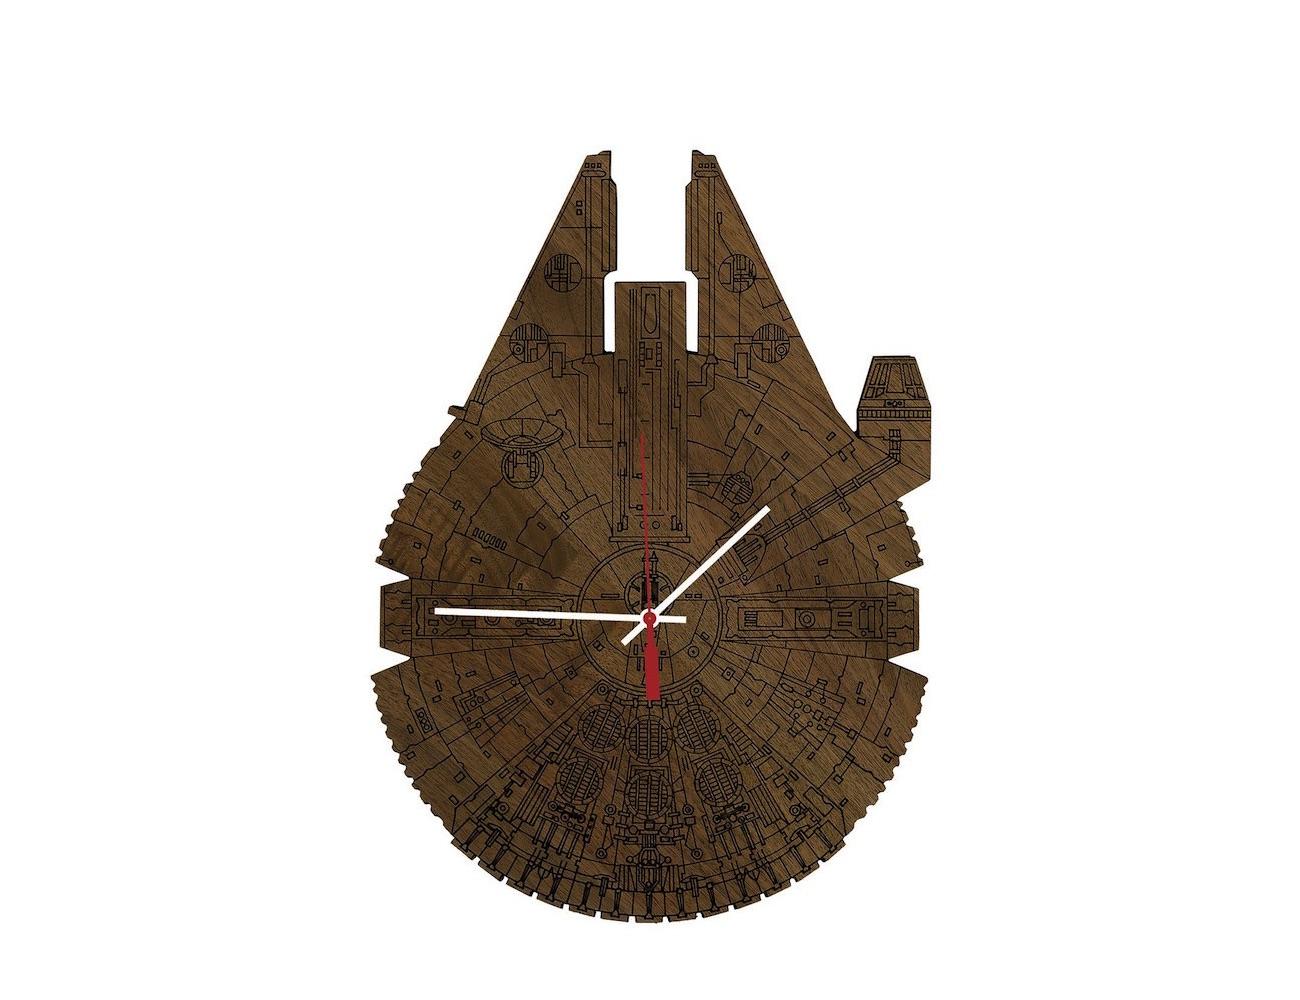 Star Wars Millennium Falcon Wood Wall Clock